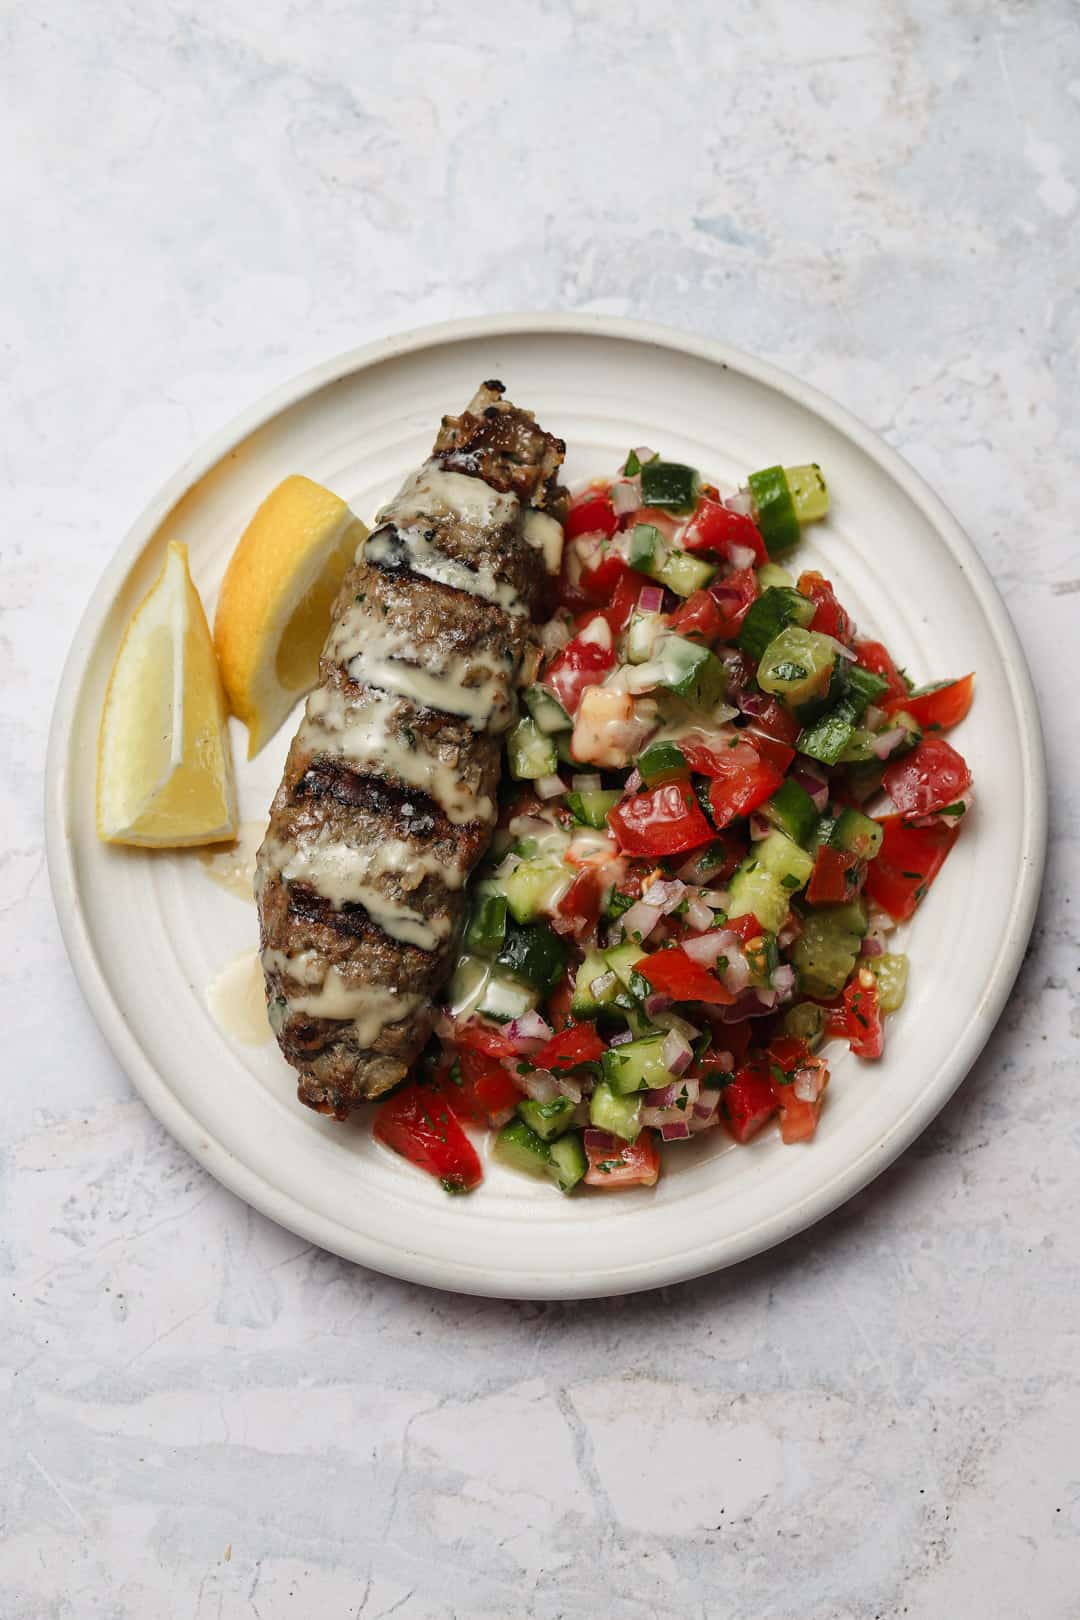 Beef kebab with Israeli salad on a plate